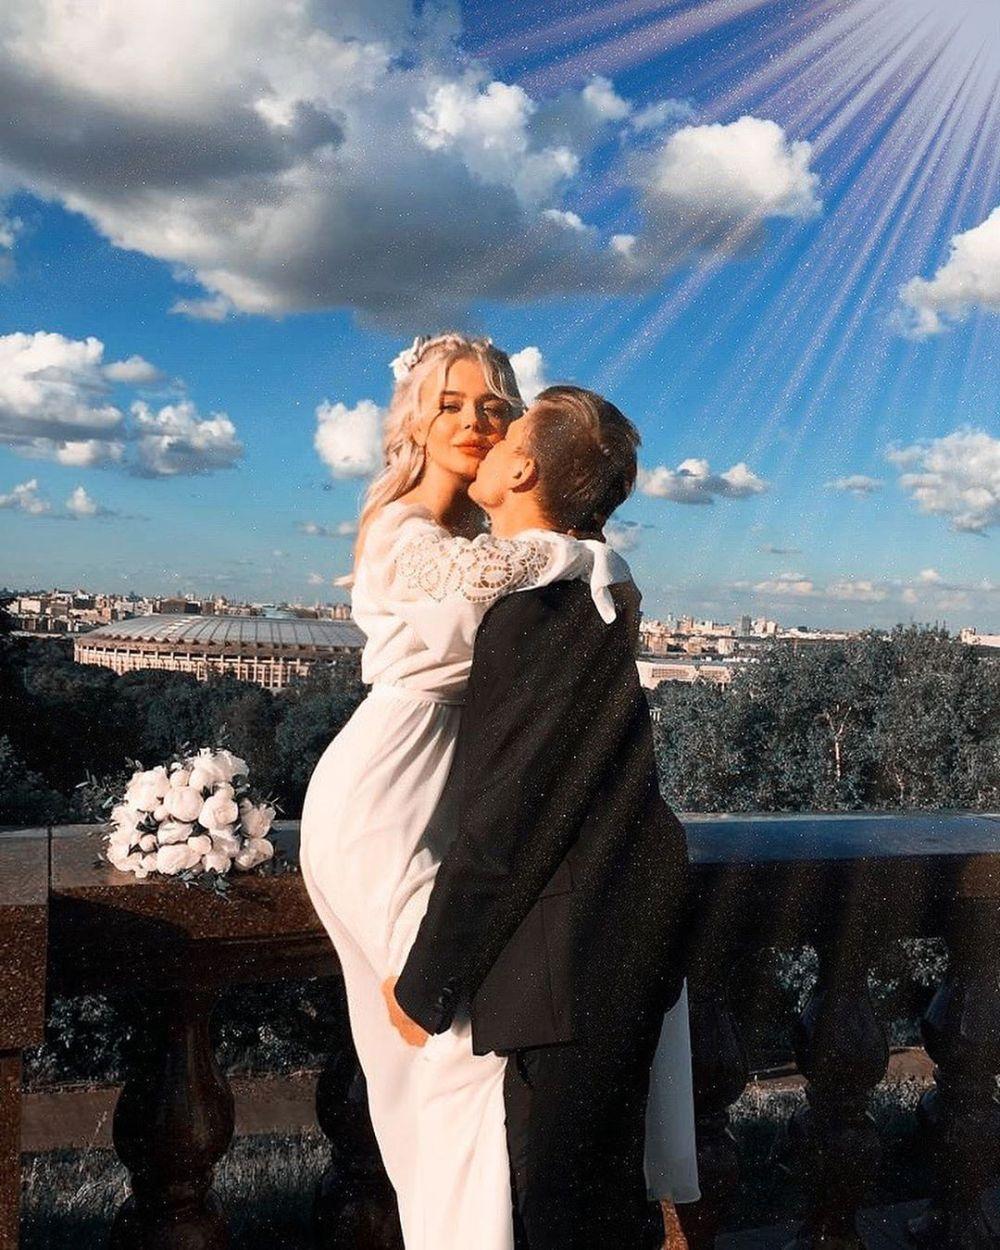 Алина Гросу вышла замуж и впервые показала своего любимого — фото